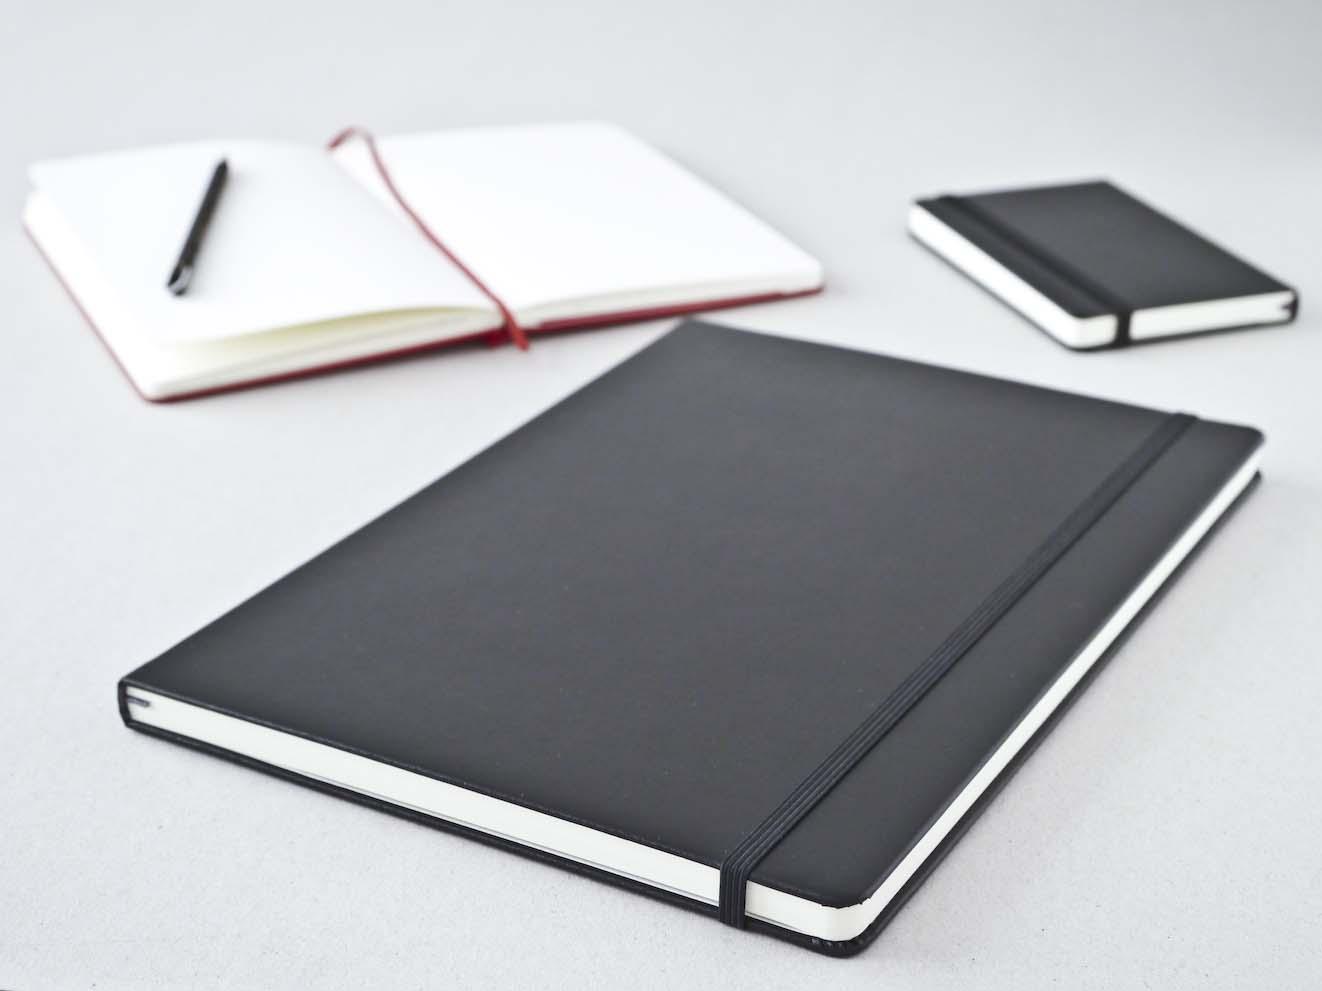 Moleskine Skitsebog i tre varianter pocket, large og A4